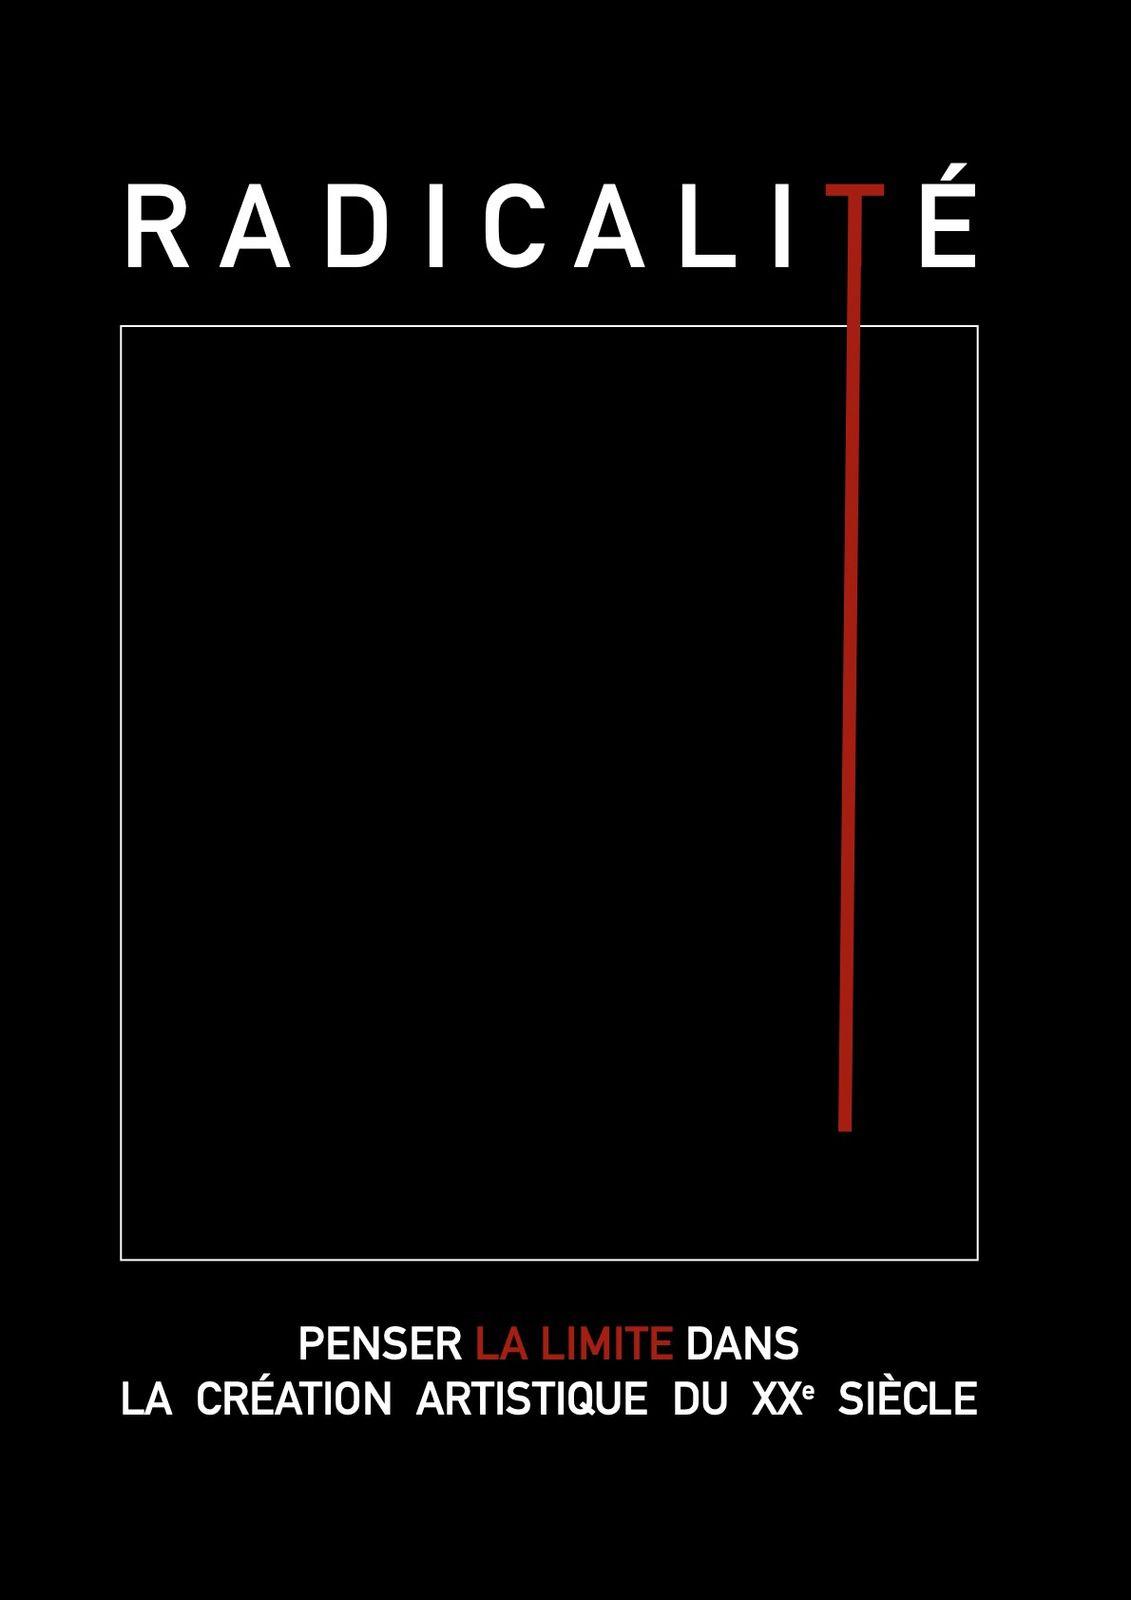 La radicalité est-elle une utopie ou un principe ? La radicalité est-elle un acte, une attitude, une posture, une approche, une position philosophique, une réflexion sociétale... ? Y a-t-il eu pour les arts des révolutions épistémologiques, au sens de Thomas S. Kuhn et quelle serait leur portée ? L'émergence de pratiques et d'idées nouvelles est-elle radicale, car étant inimaginable à partir de leurs constituants ? Les technologies électriques et numériques des arts sont-elles radicalement innovantes ? Les interférences entre images et sons ont- elles apporté des mutations radicales de l'art ? Un bilan des modes et types de radicalités peut-il être fait désormais ? Comment l'analyse peut-elle trouver prise sur ces œuvres et sur leur théorisation ? Quels sont les fondements esthétiques de l